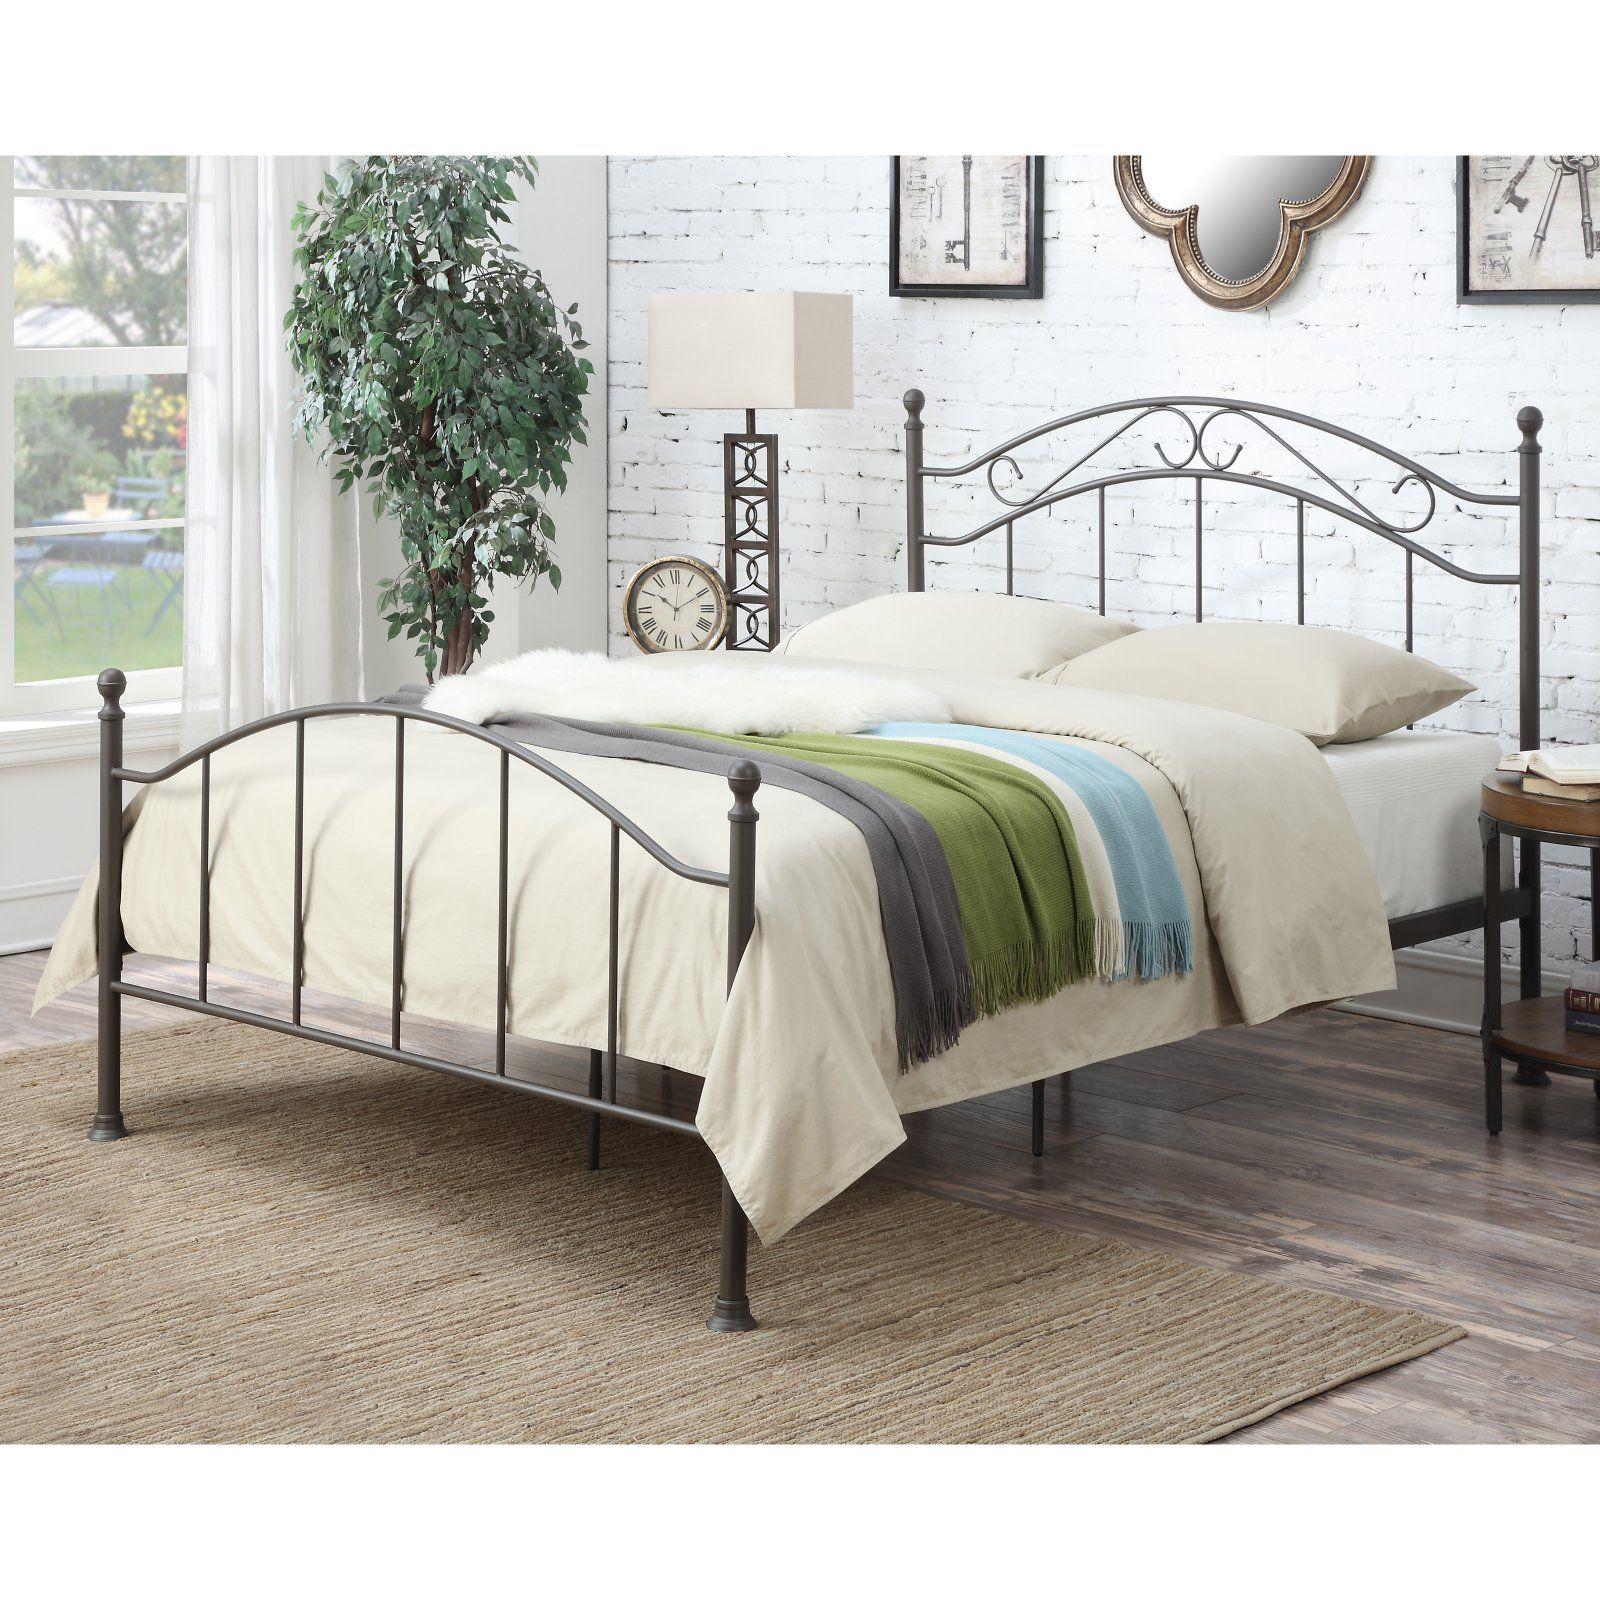 Home Meridian Norwell Standard Queen Bed Queen metal bed